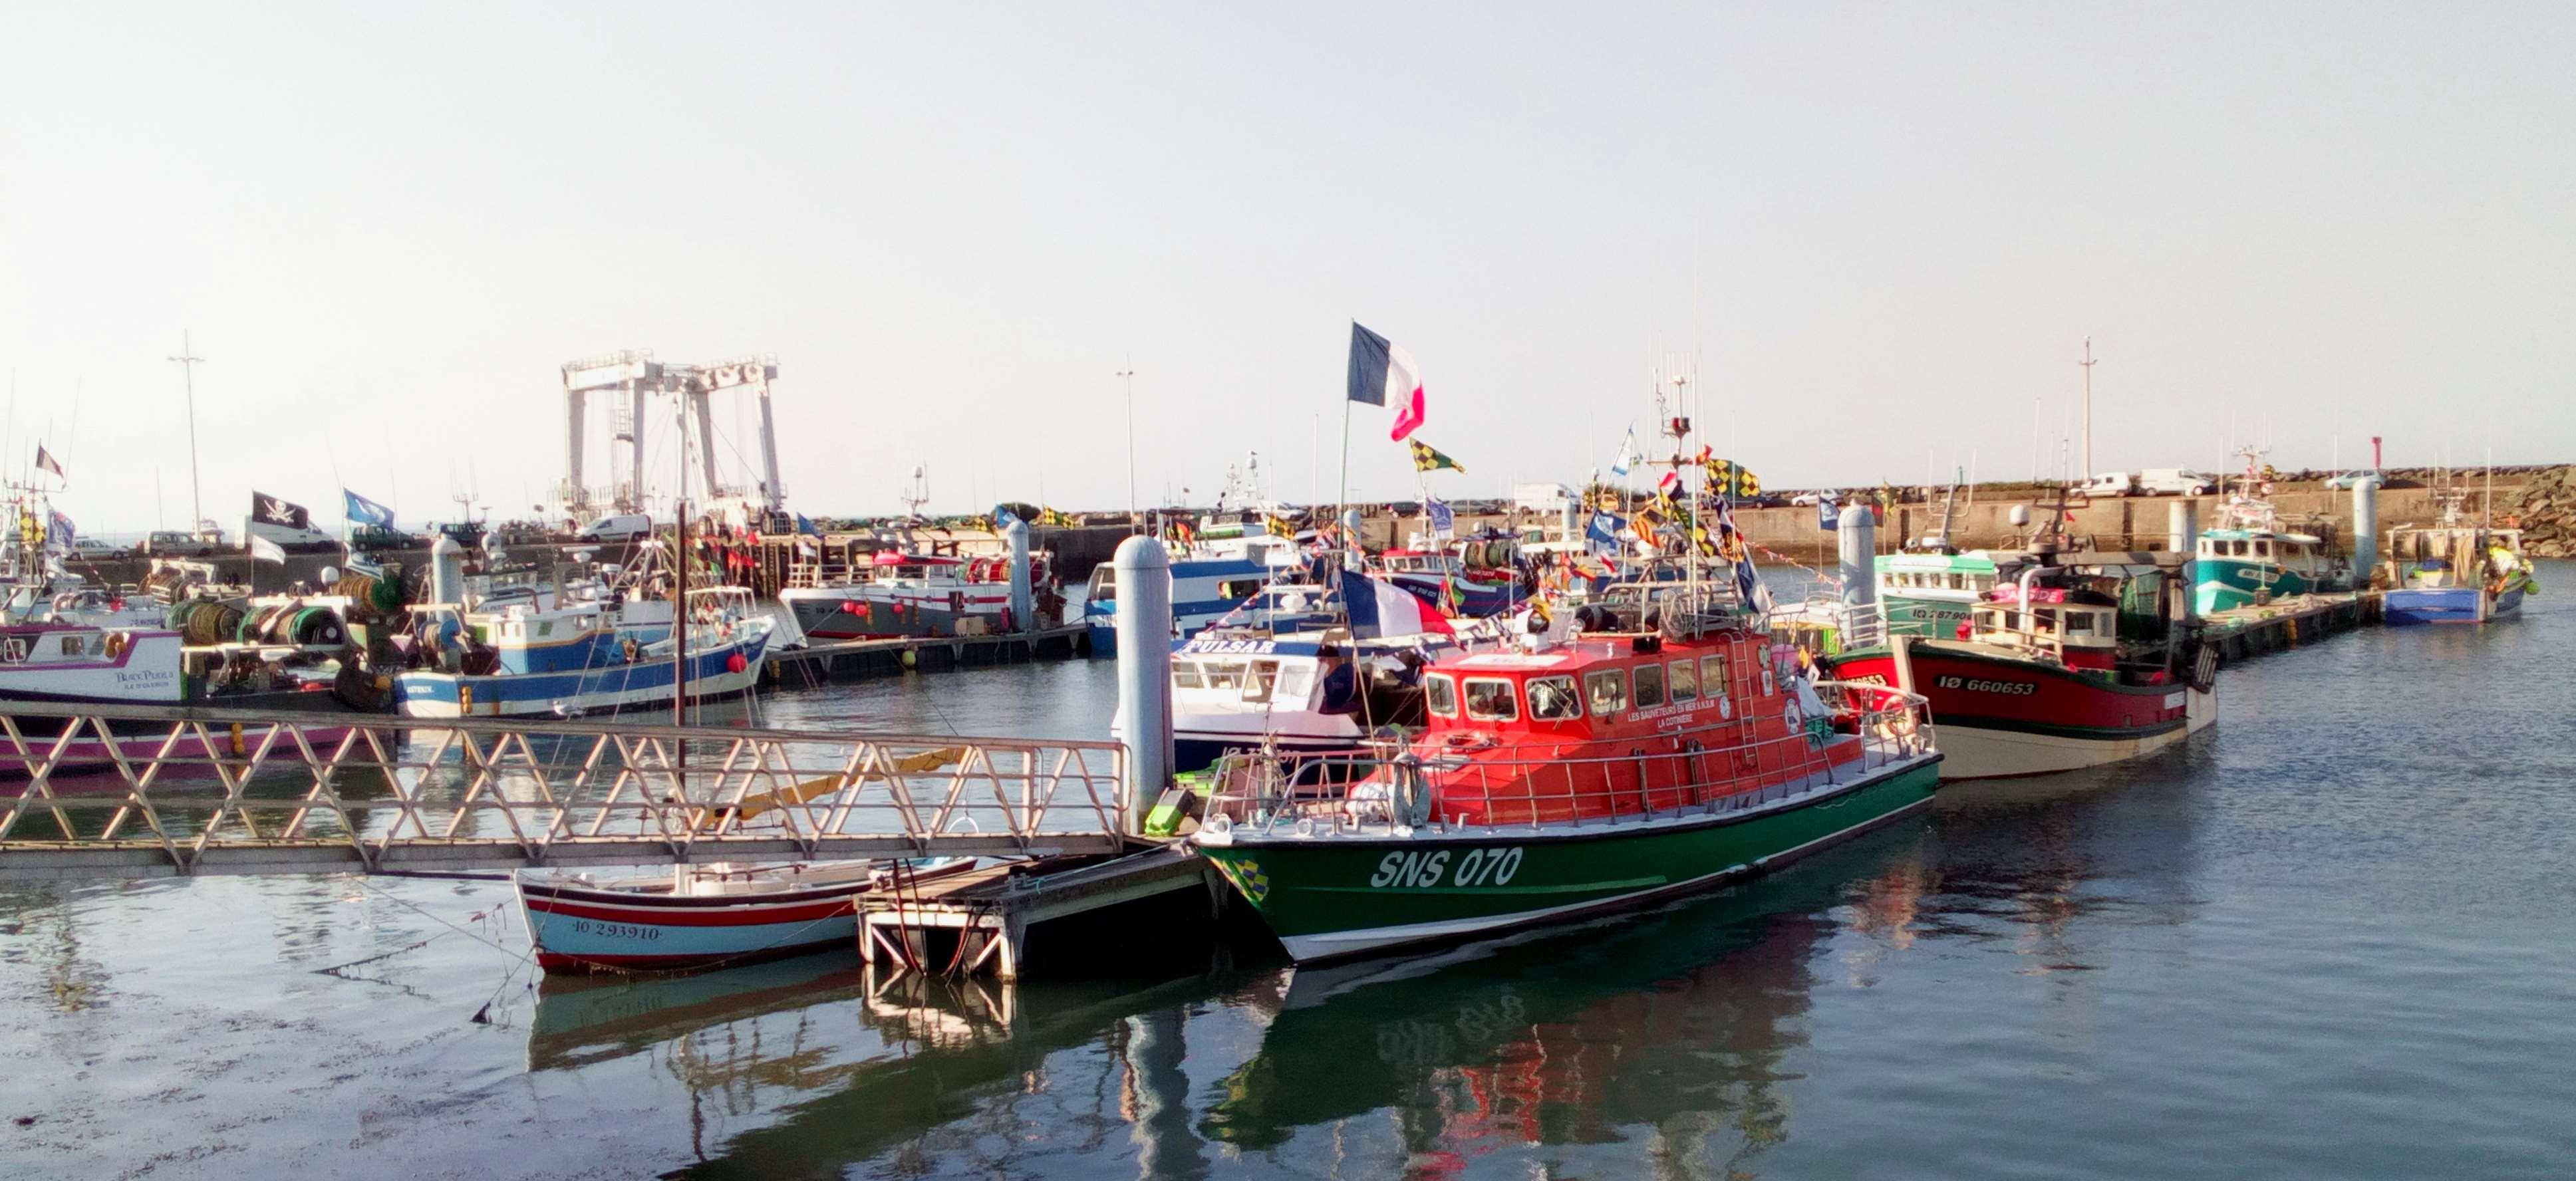 Port de pêche de La Cotinière. Photo PY Larrieu - LMA La Rochelle.